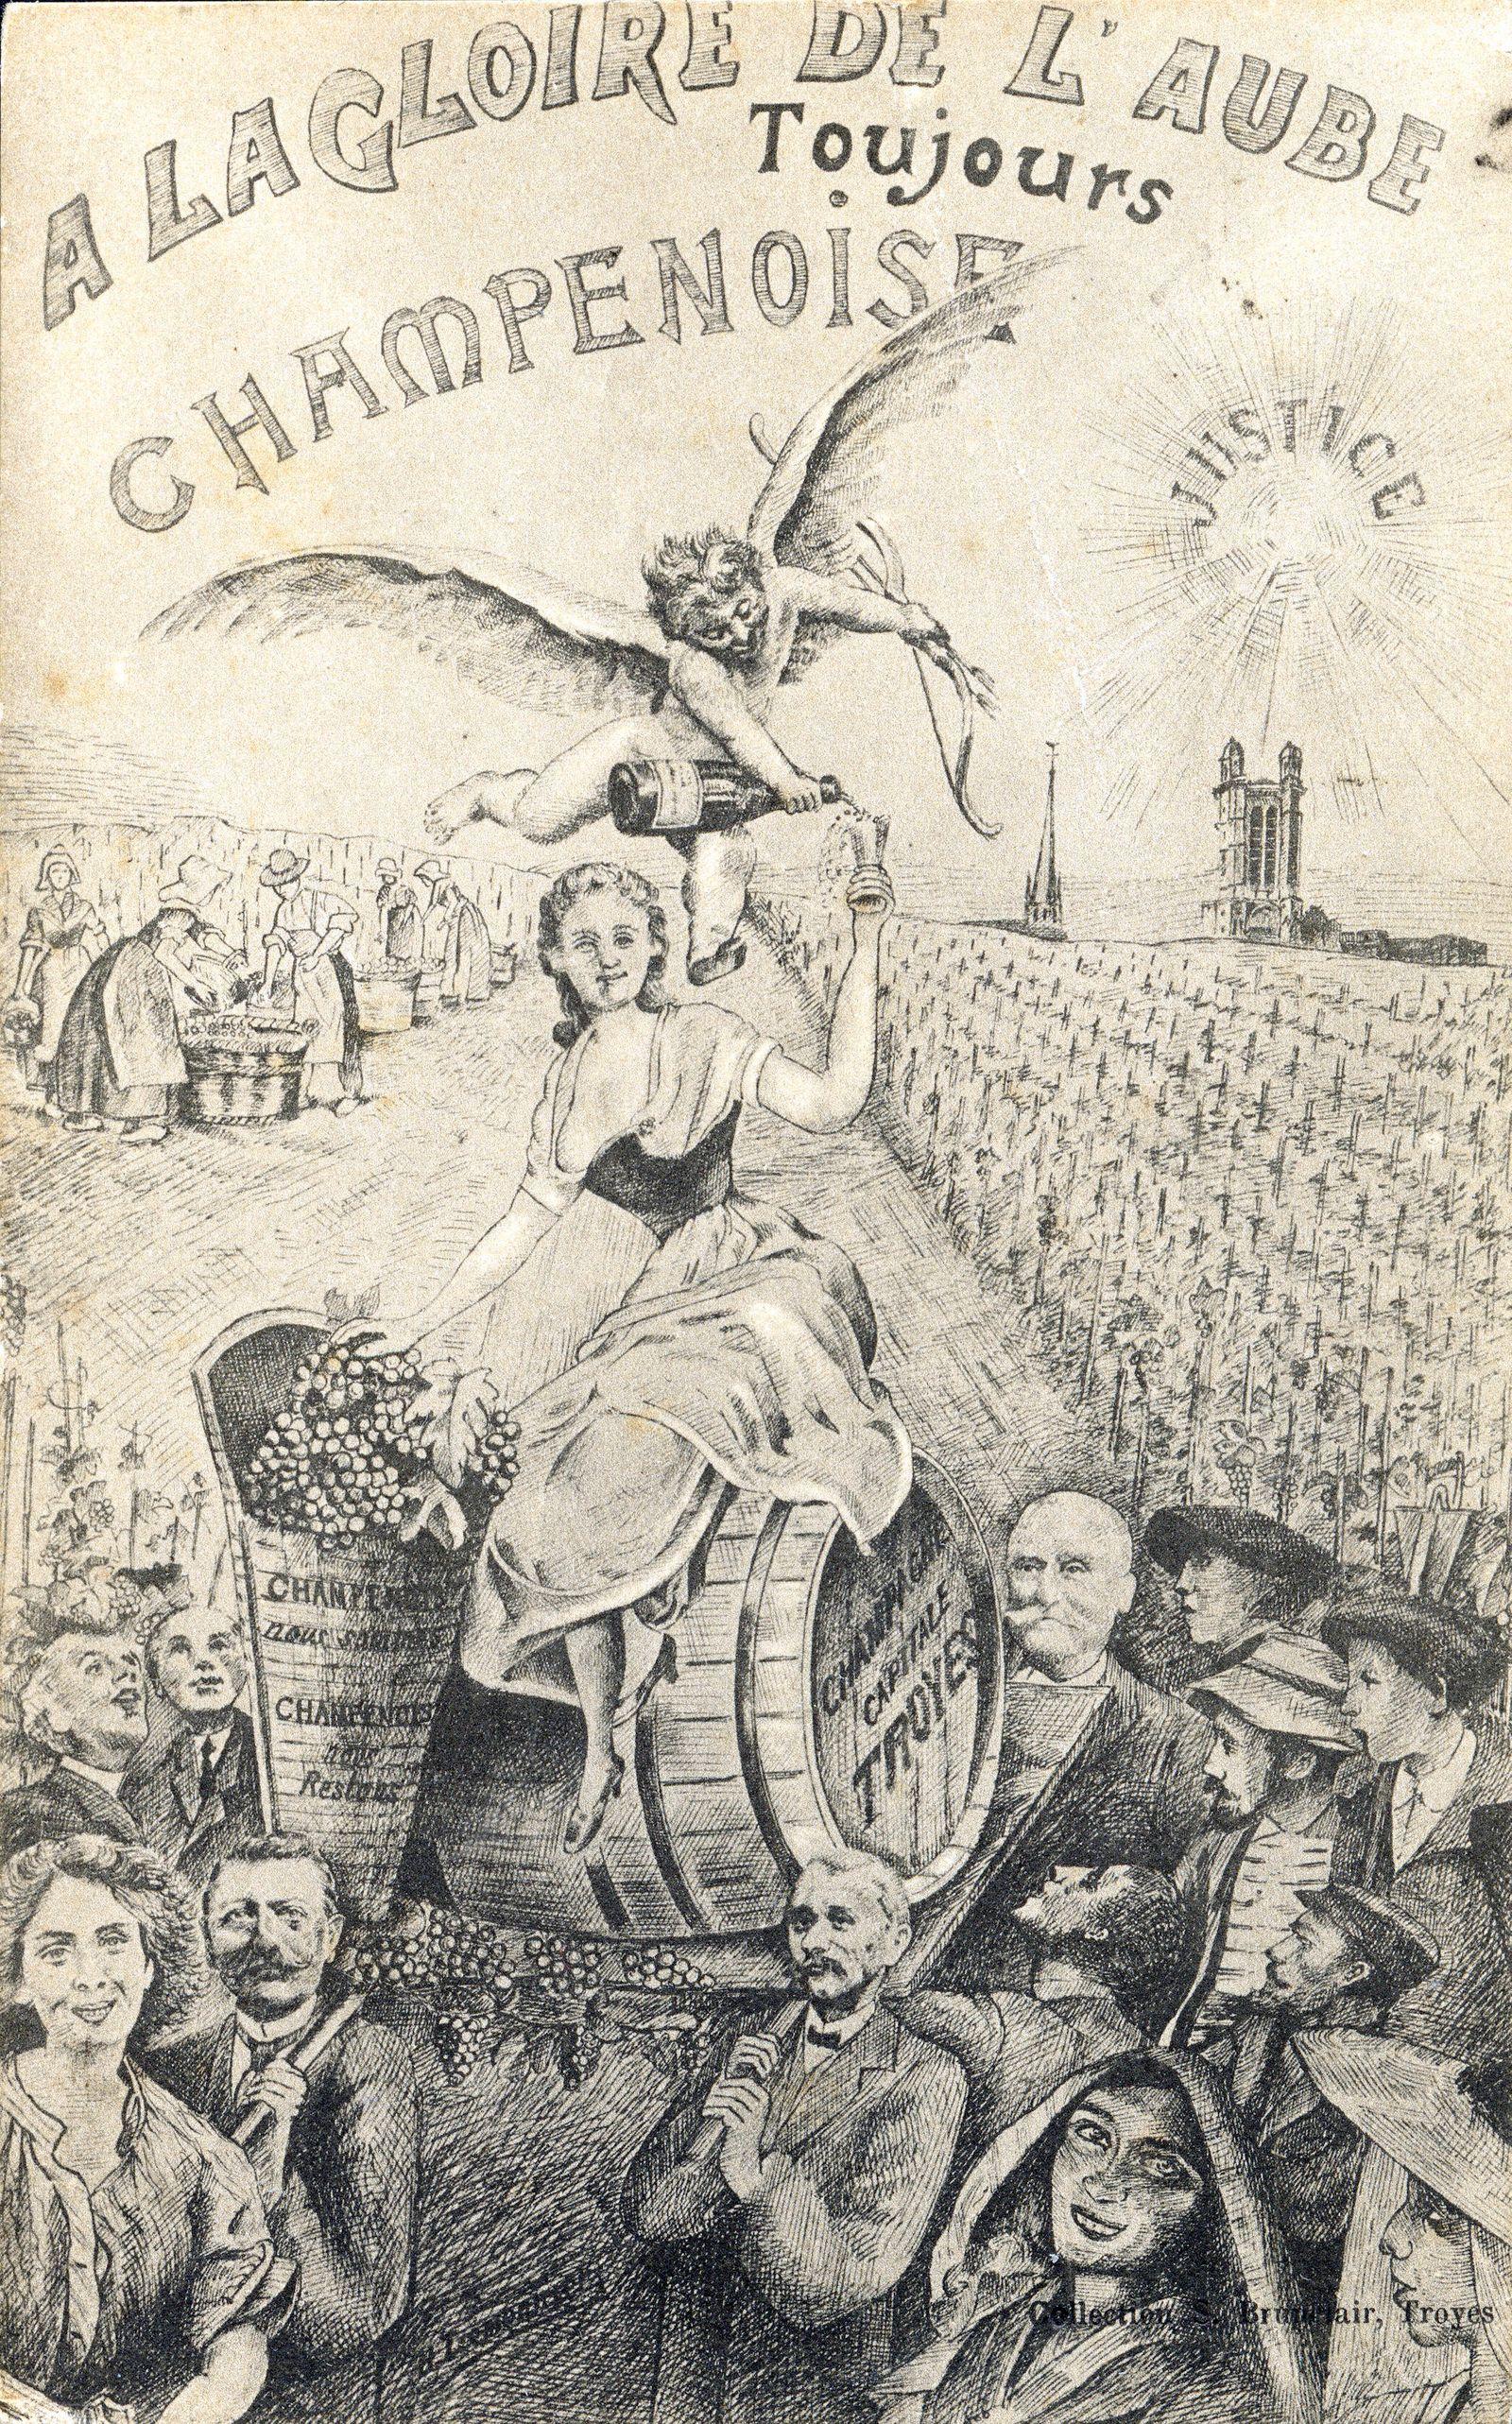 CRISE VITICOLE 1911 A la gloire de l Aube toujours Champenoise . Illustration allegorique a propos de la crise viticole